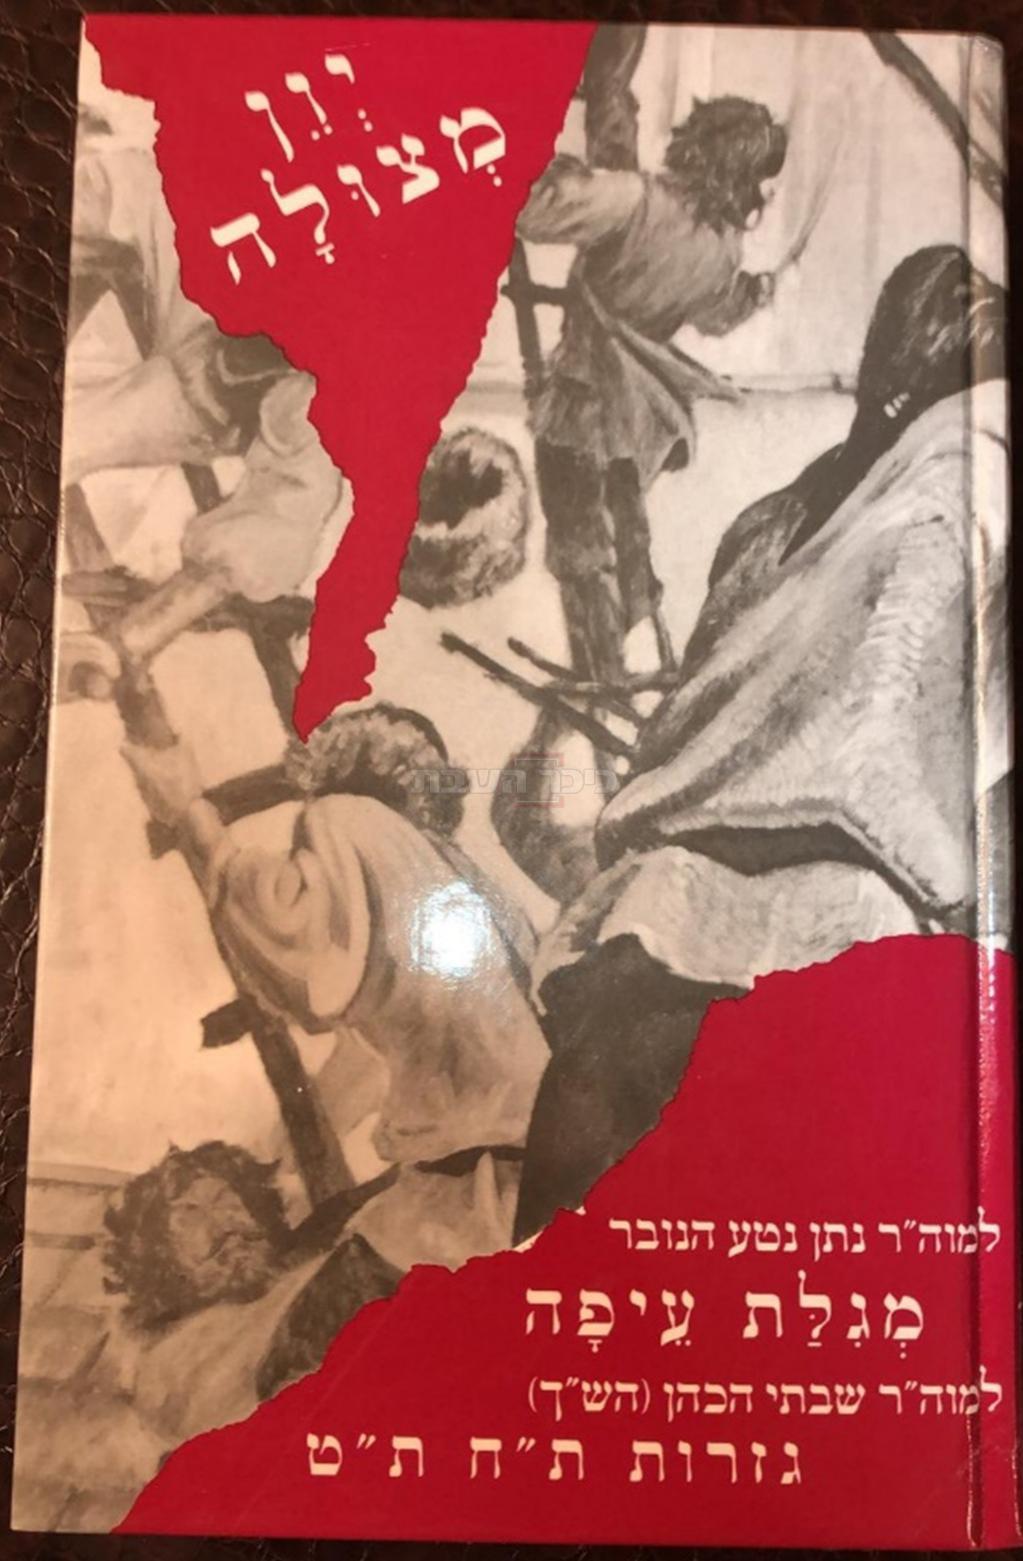 ספר יון מצולה מהדורה חדשה (באדיבות הוצאת אוצרינו)